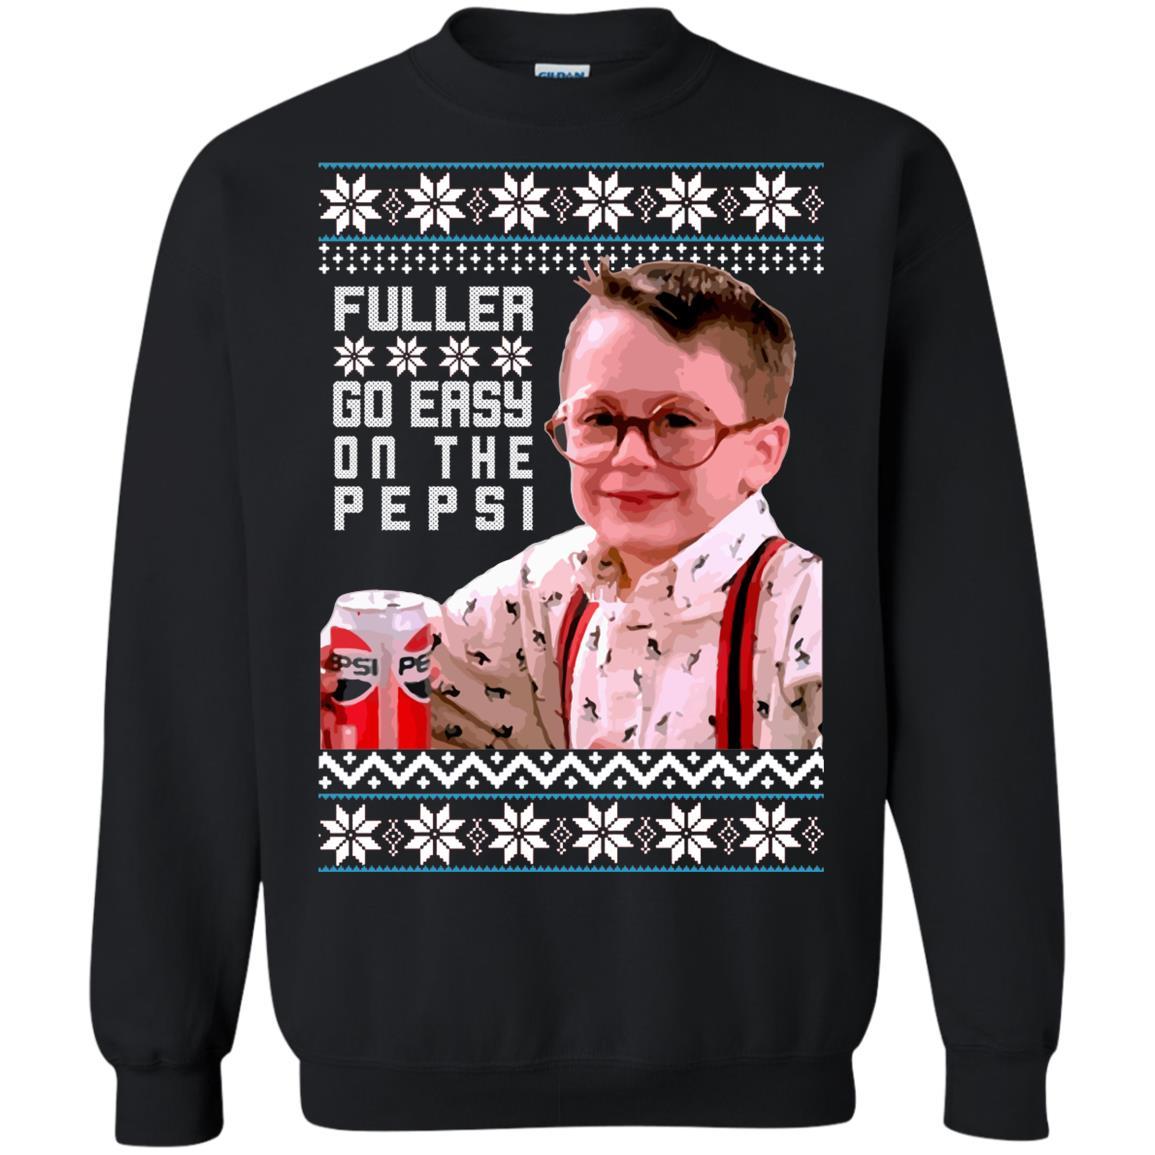 sweet christmas luke cage sweatshirt shirt image 4442 510x510